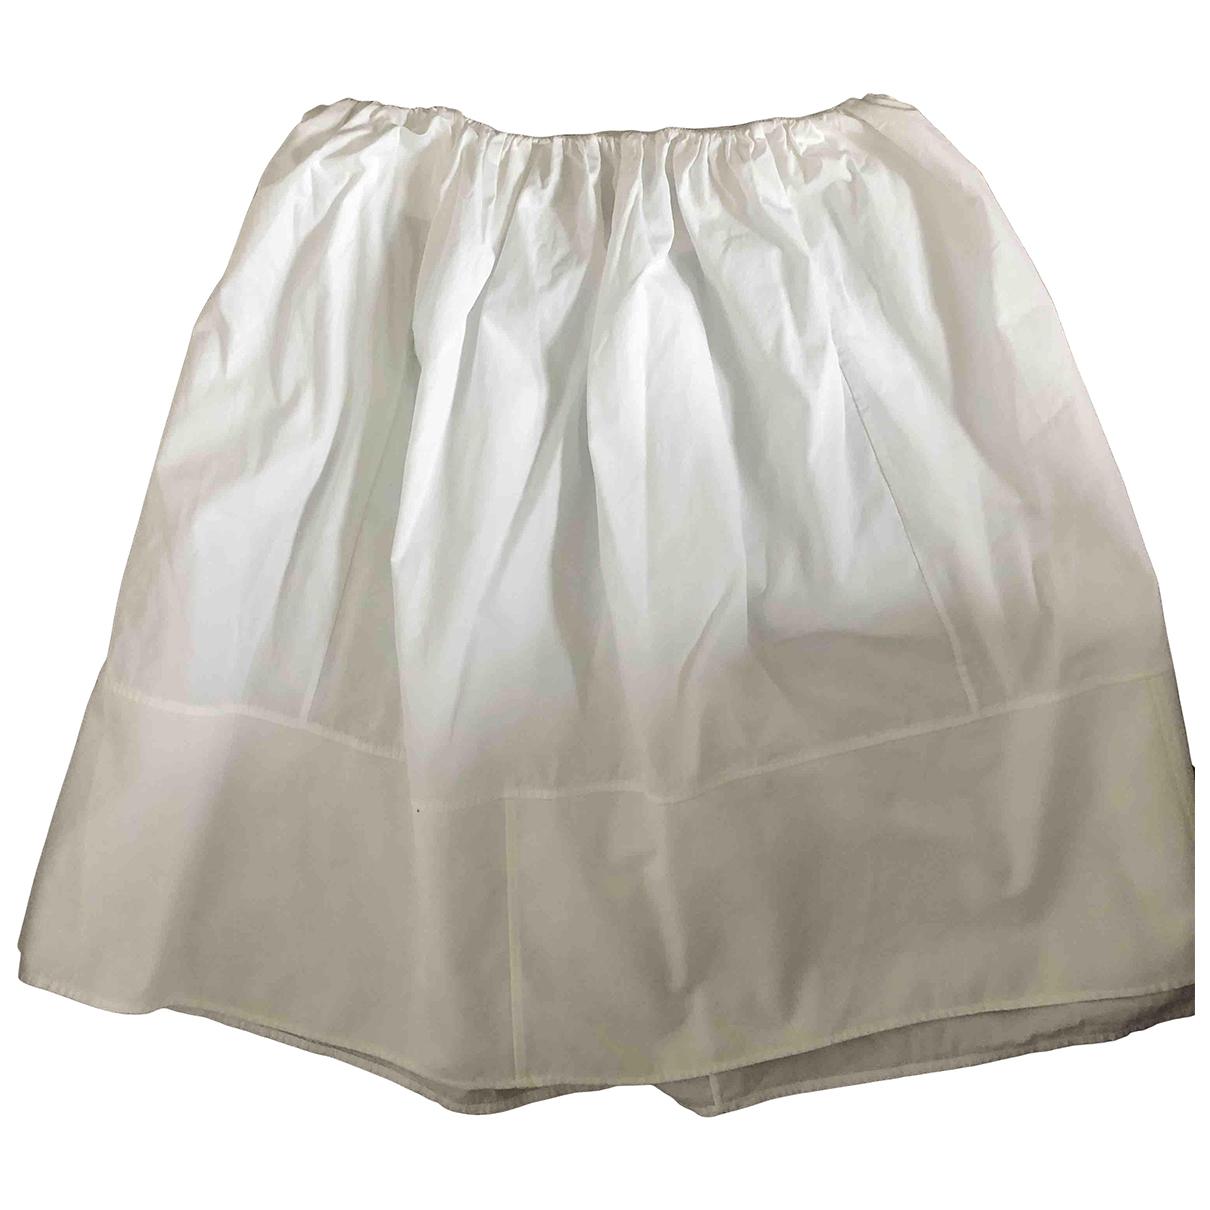 Chloé \N White Cotton skirt for Women 36 FR